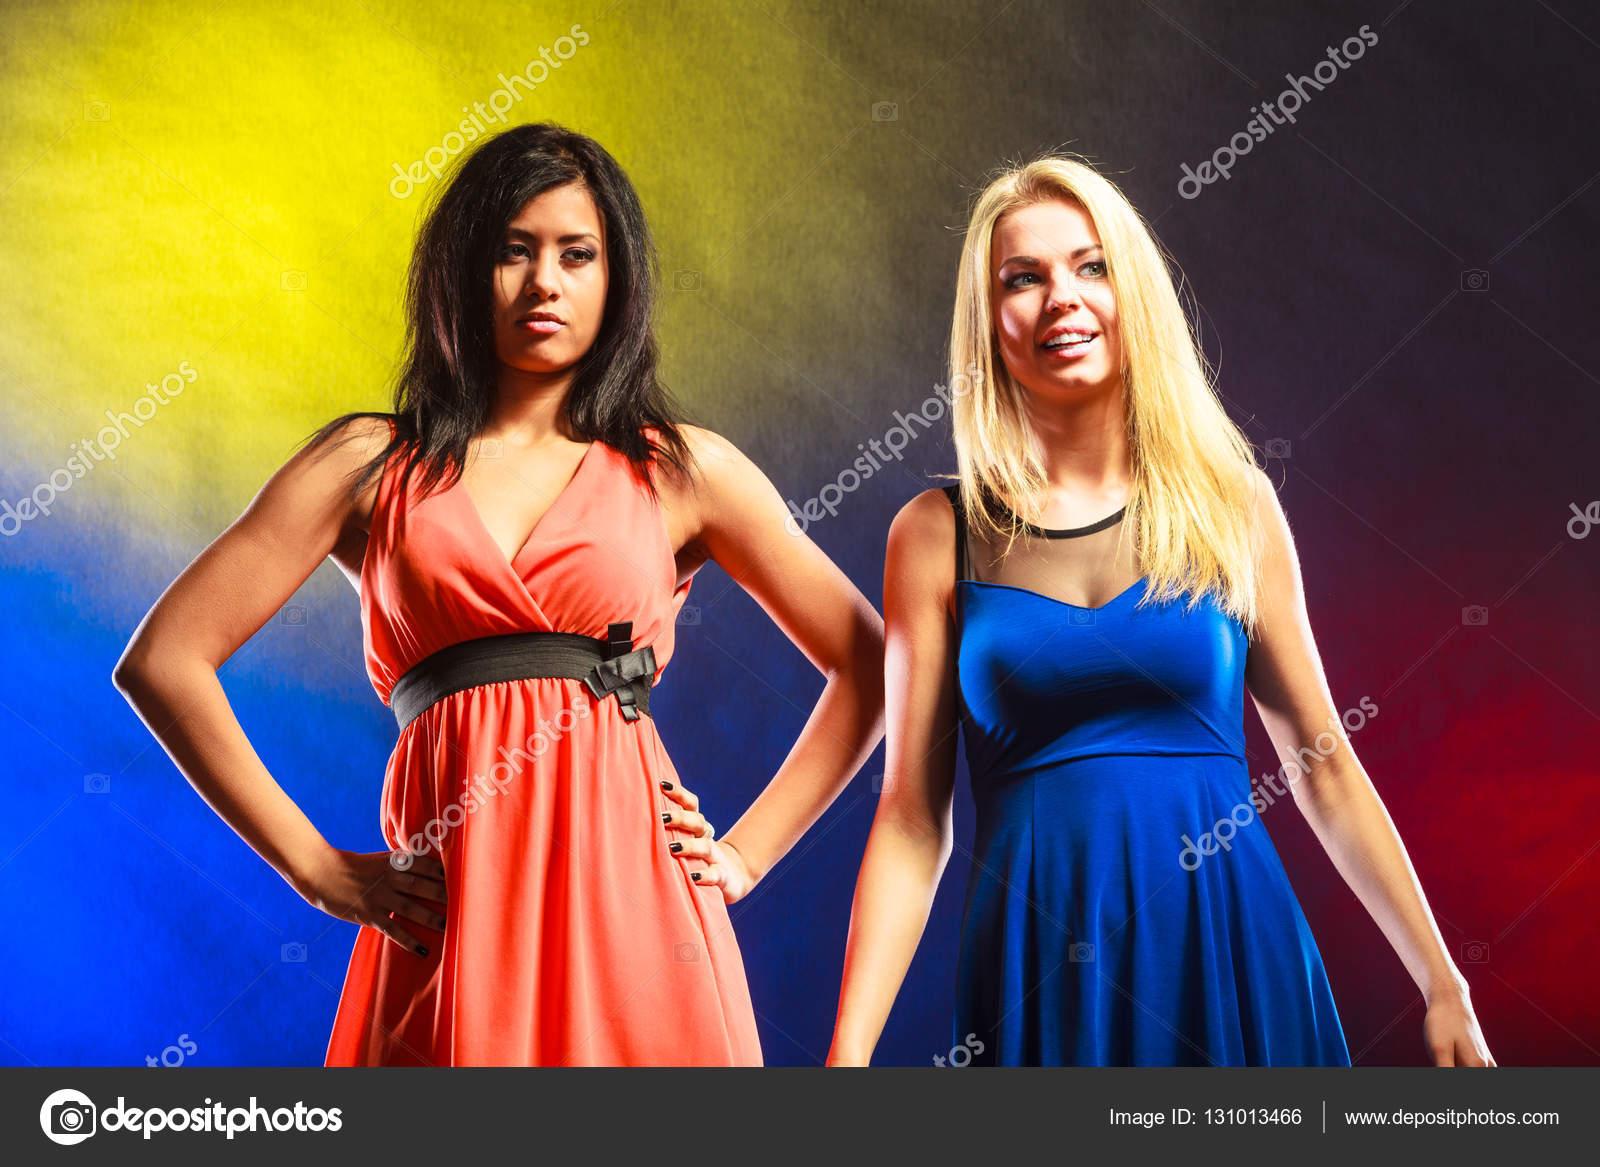 4597b67e1 Két vicces női ruhák. — Stock Fotó © Voyagerix #131013466